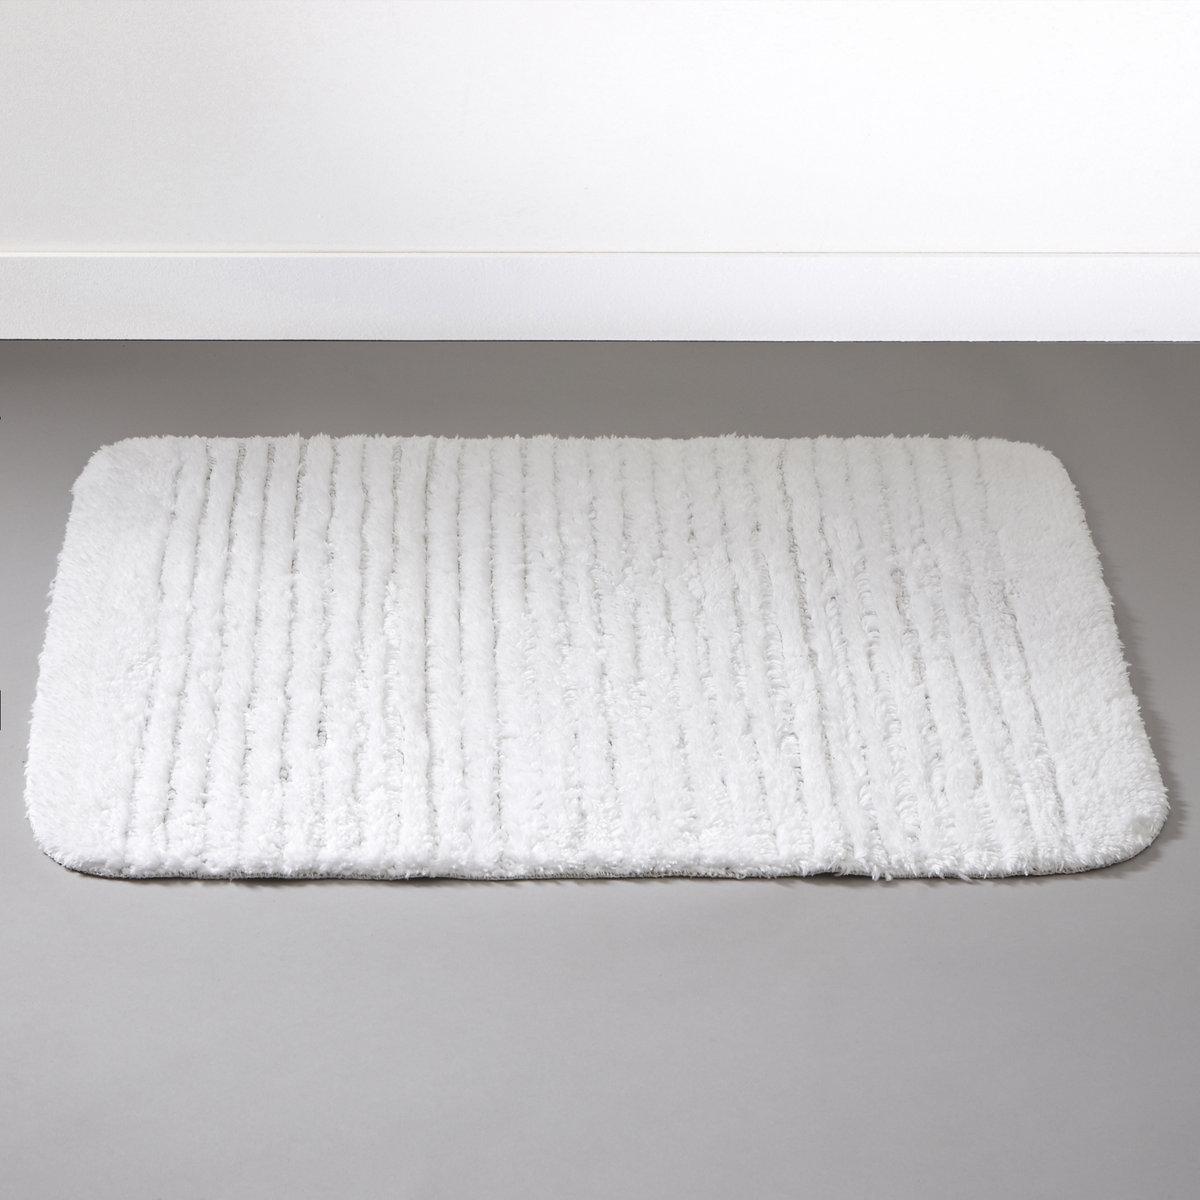 Коврик для ванной, 1100 г/м?Пушистый коврик для ванной комнаты. 100% хлопка, 1100 г/м?, ультрамягкий и невероятно впитывающий. Стирка при 60°. Рельефные полоски. Обратная сторона с покрытием против скольжения.<br><br>Цвет: белый,серый жемчужный<br>Размер: 50 x 70  см.70 x 120